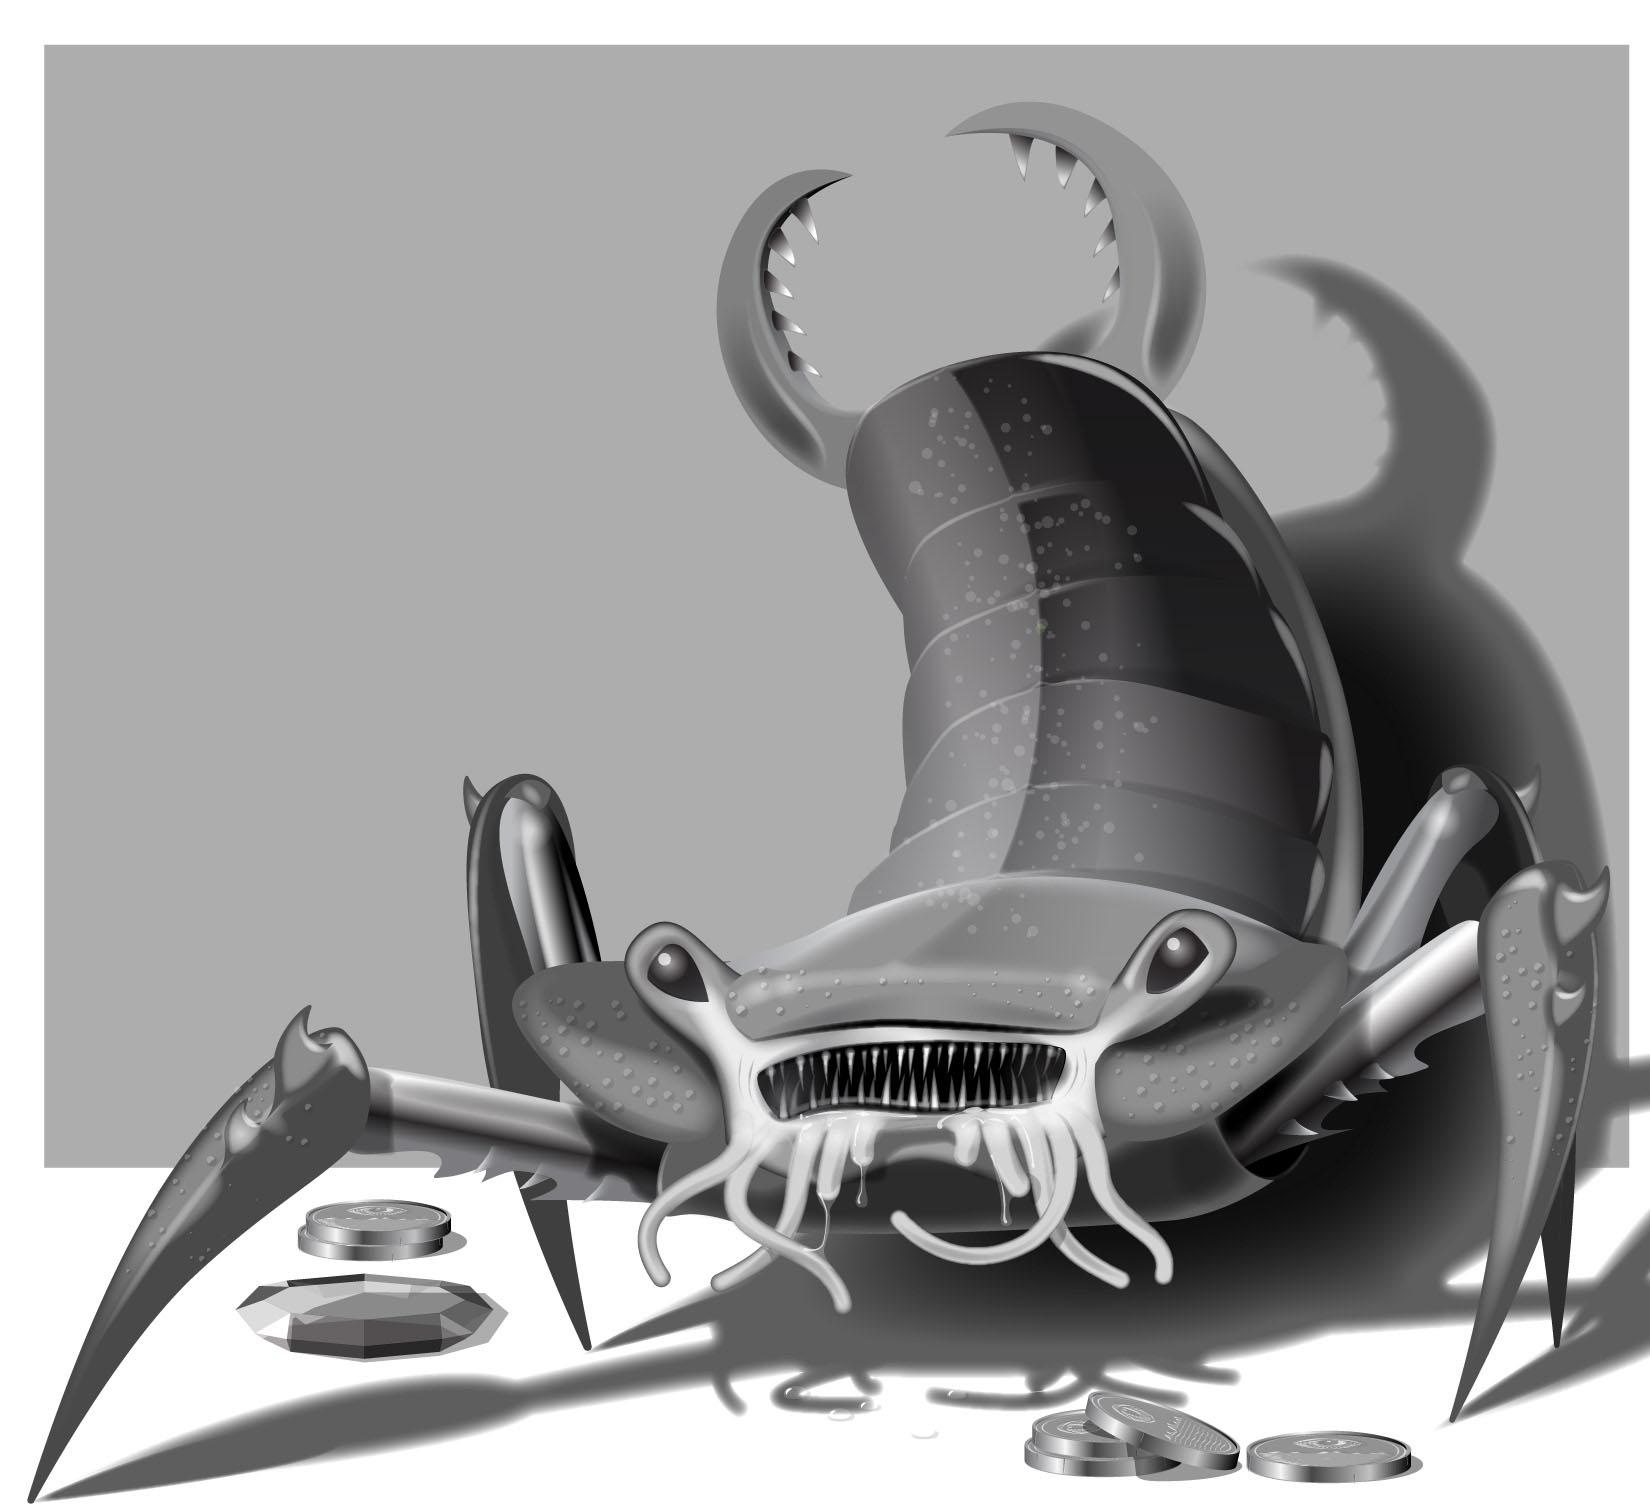 Scorpion Crab